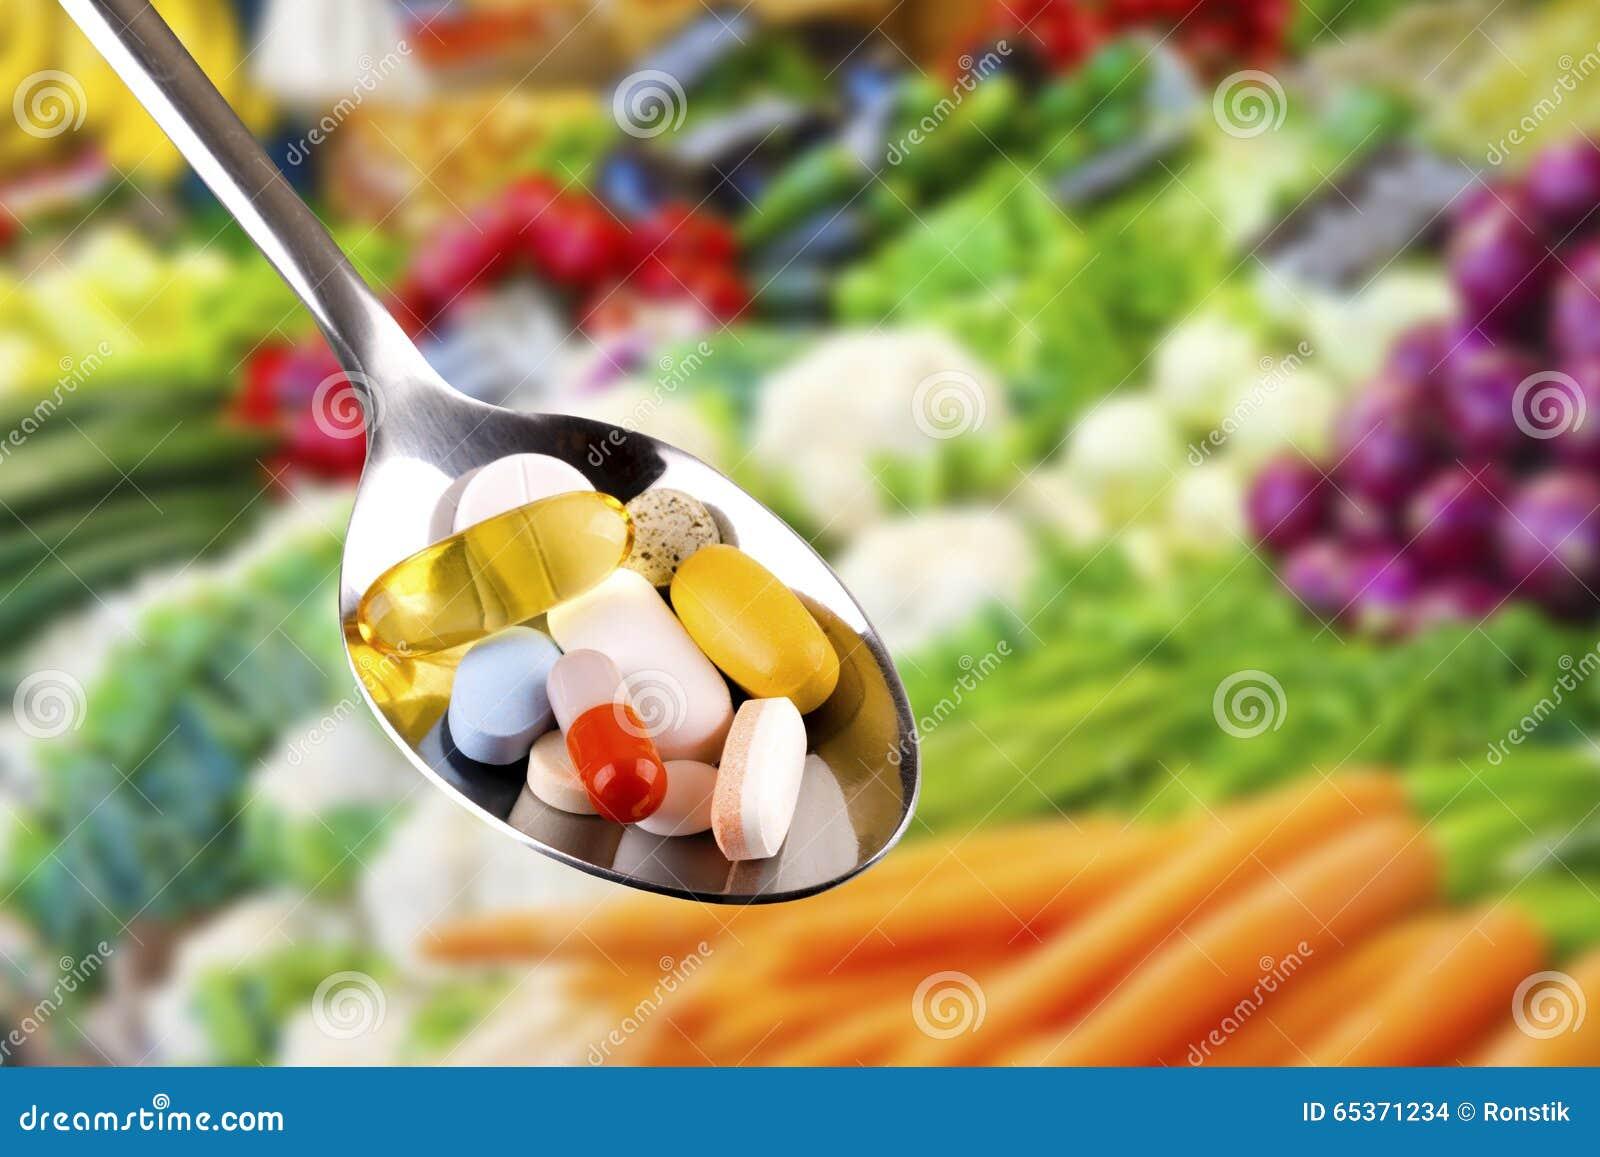 Cuchara con las píldoras, suplementos dietéticos en fondo de las verduras